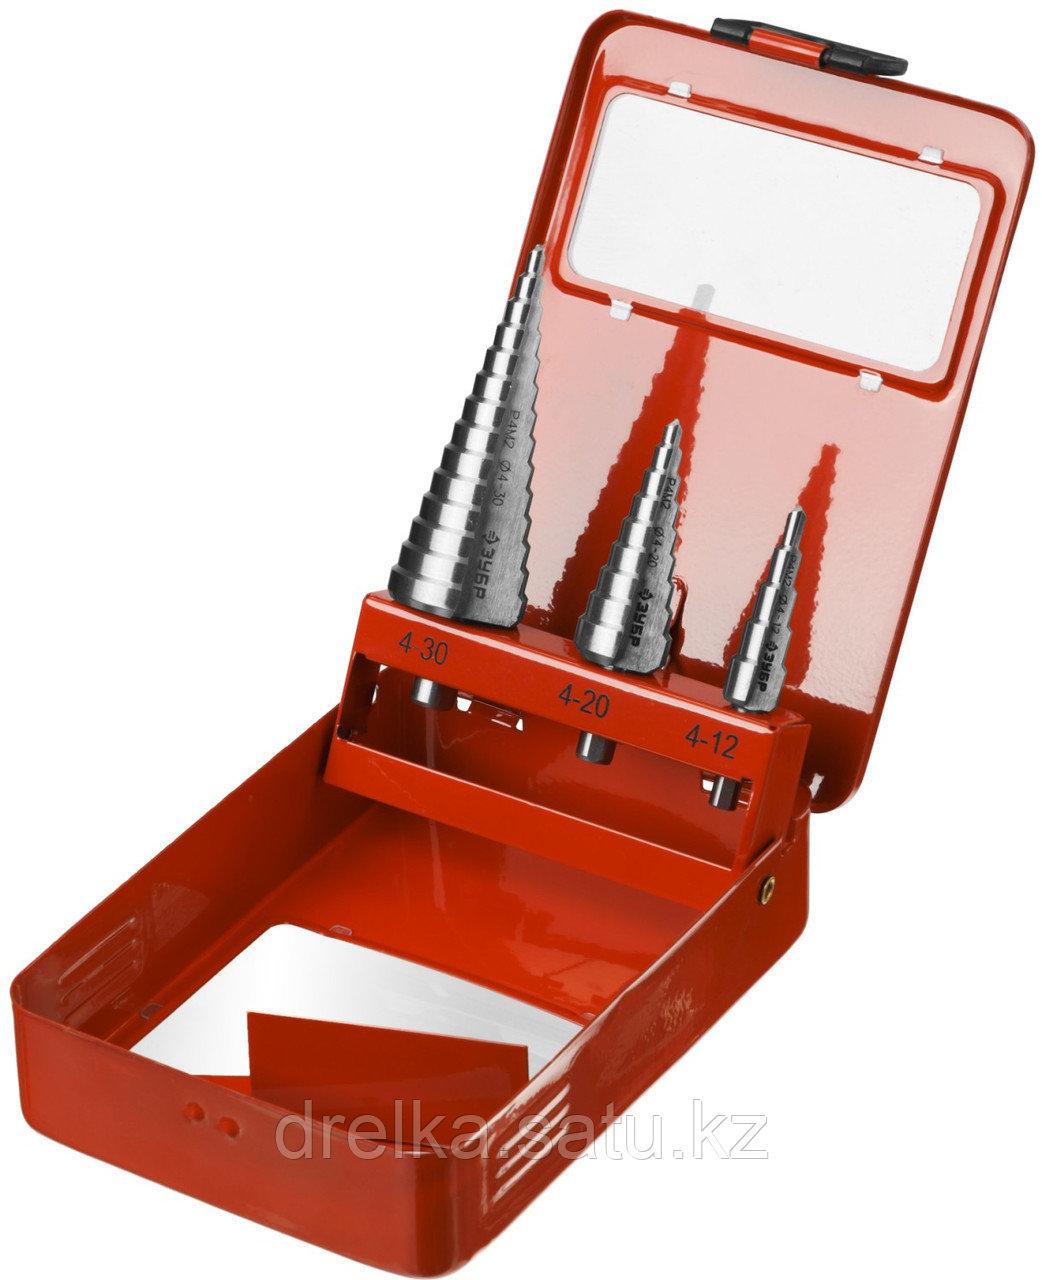 """Набор ЗУБР """"МАСТЕР"""": Ступенчатые сверла по сталям и цвет.мет., быстрорежущая сталь, d=4-12мм,5 ступ. d=4-20 м"""